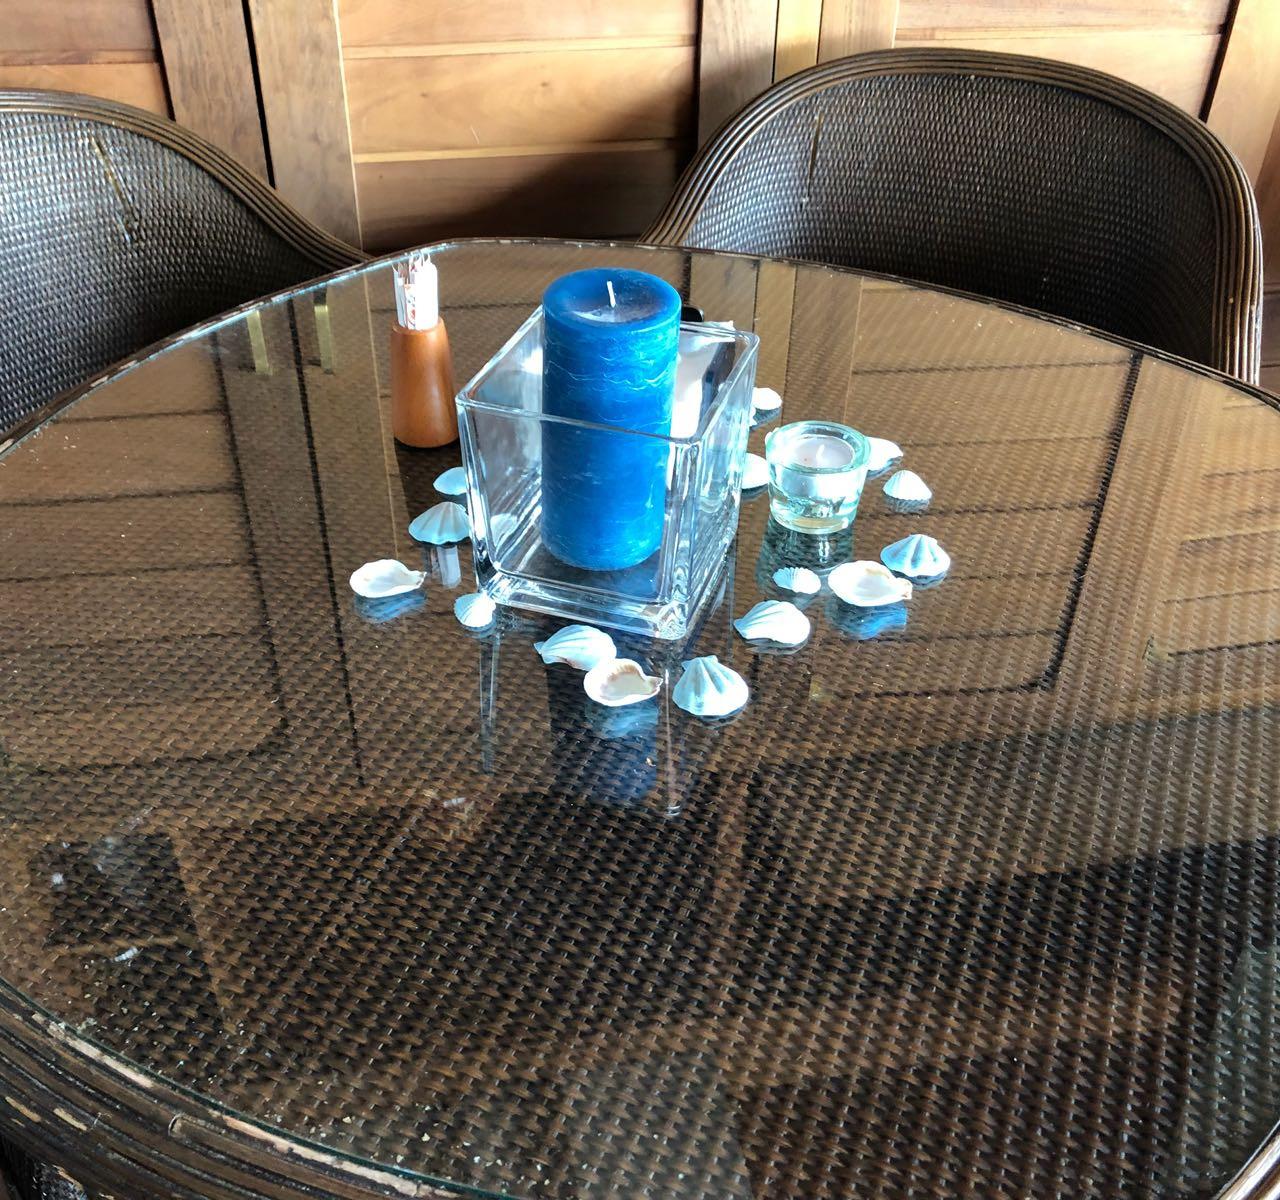 y las mesas del bar también contaron con su pequeño detalle